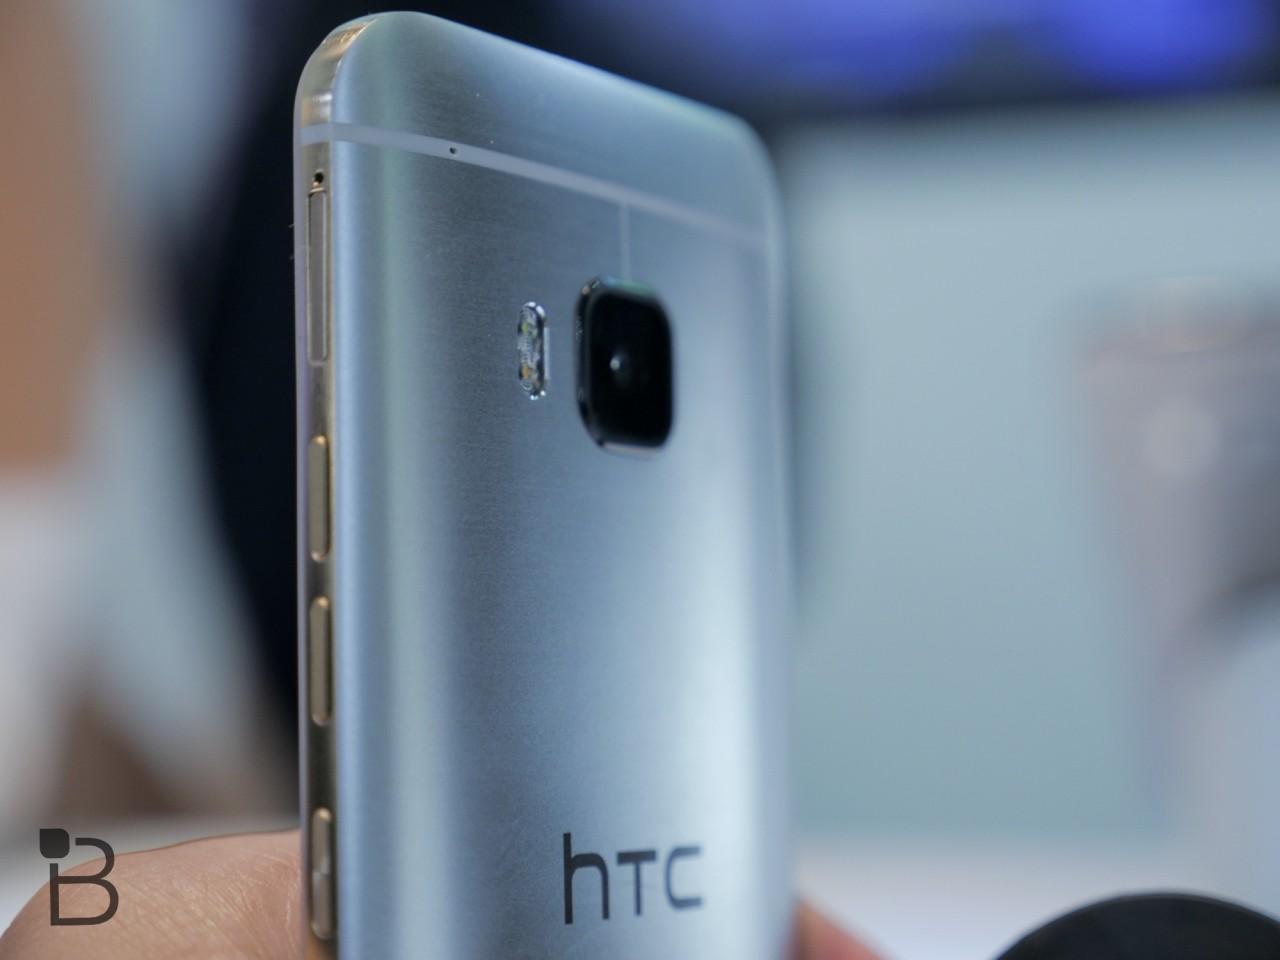 HTC-One-M9-15-1280x960